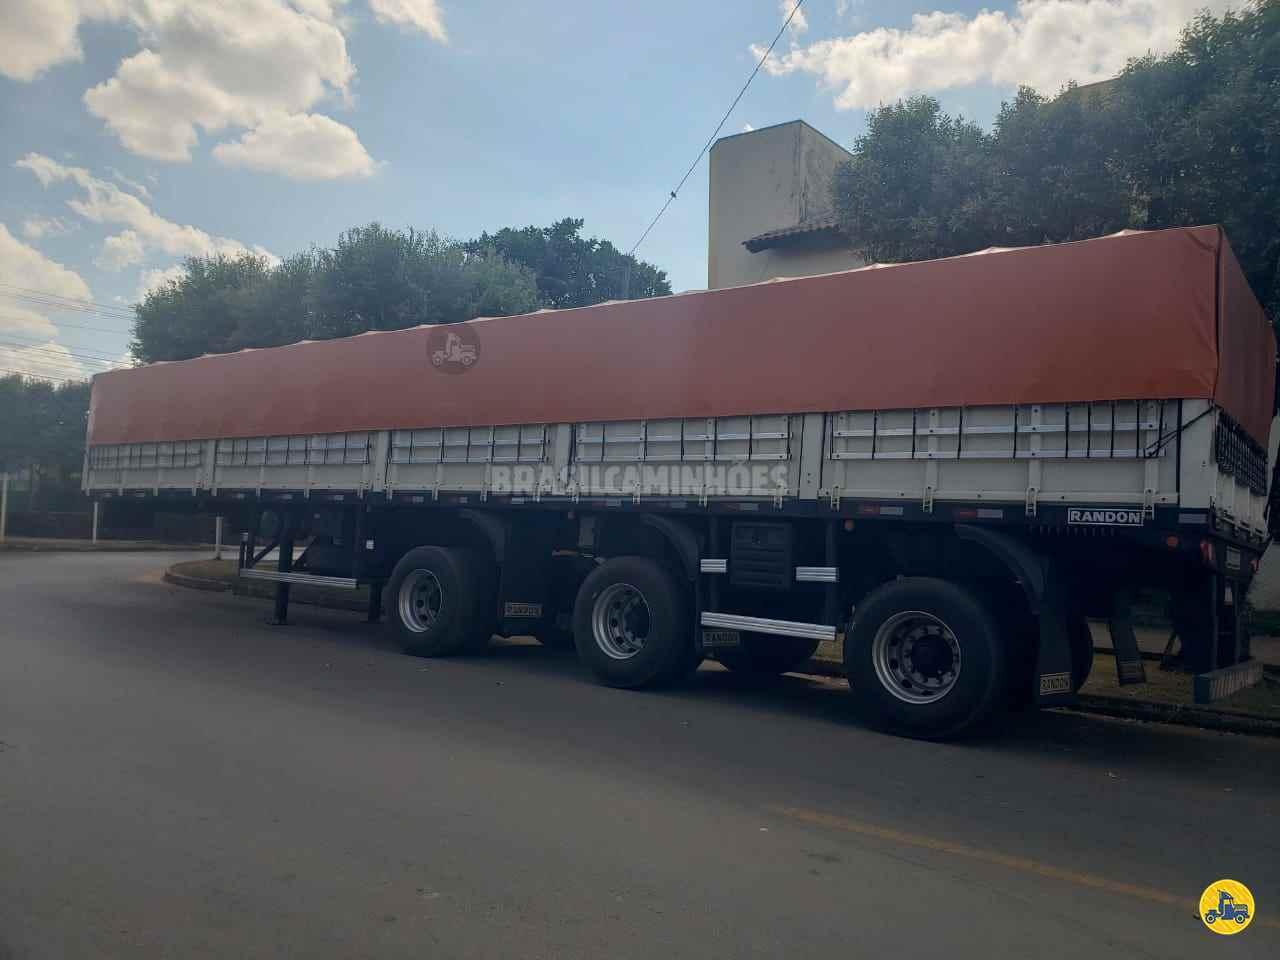 CARRETA SEMI-REBOQUE CARGA SECA Brasil Caminhões Sinop SINOP MATO GROSSO MT